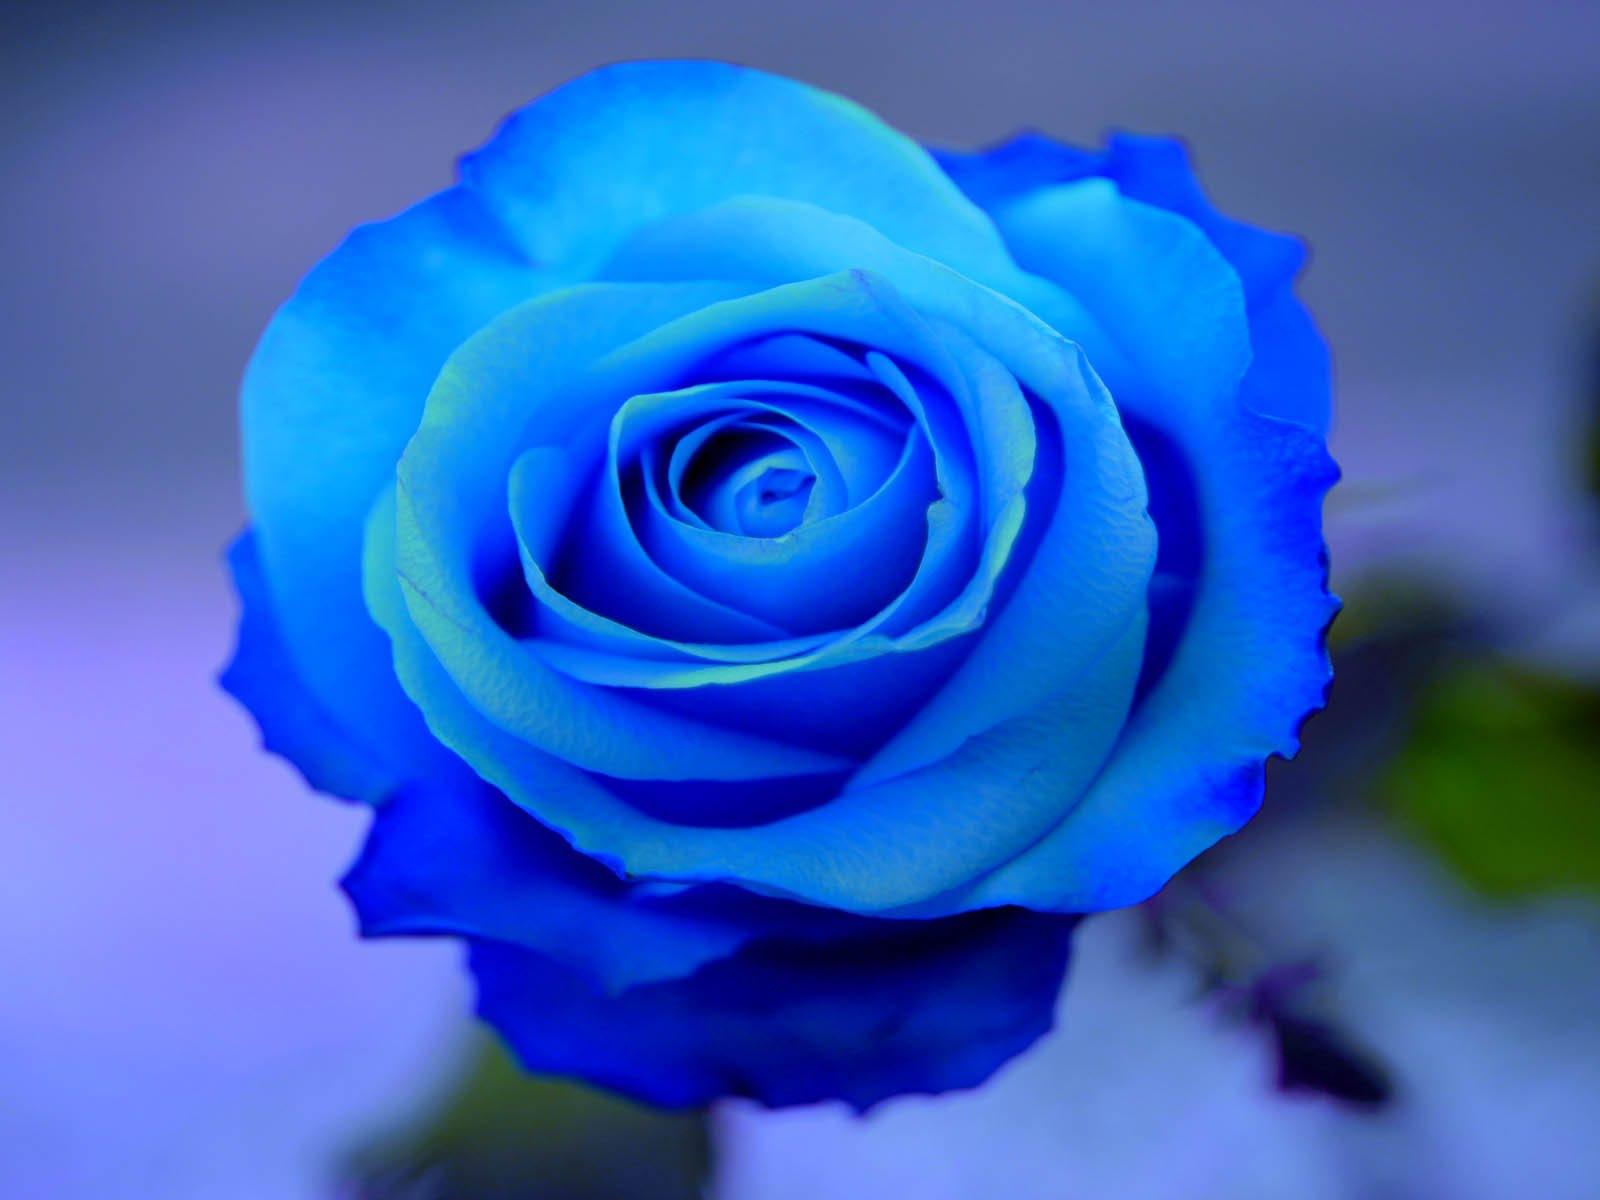 Hồng xanh chính là món quà sinh nhật tuyệt vời